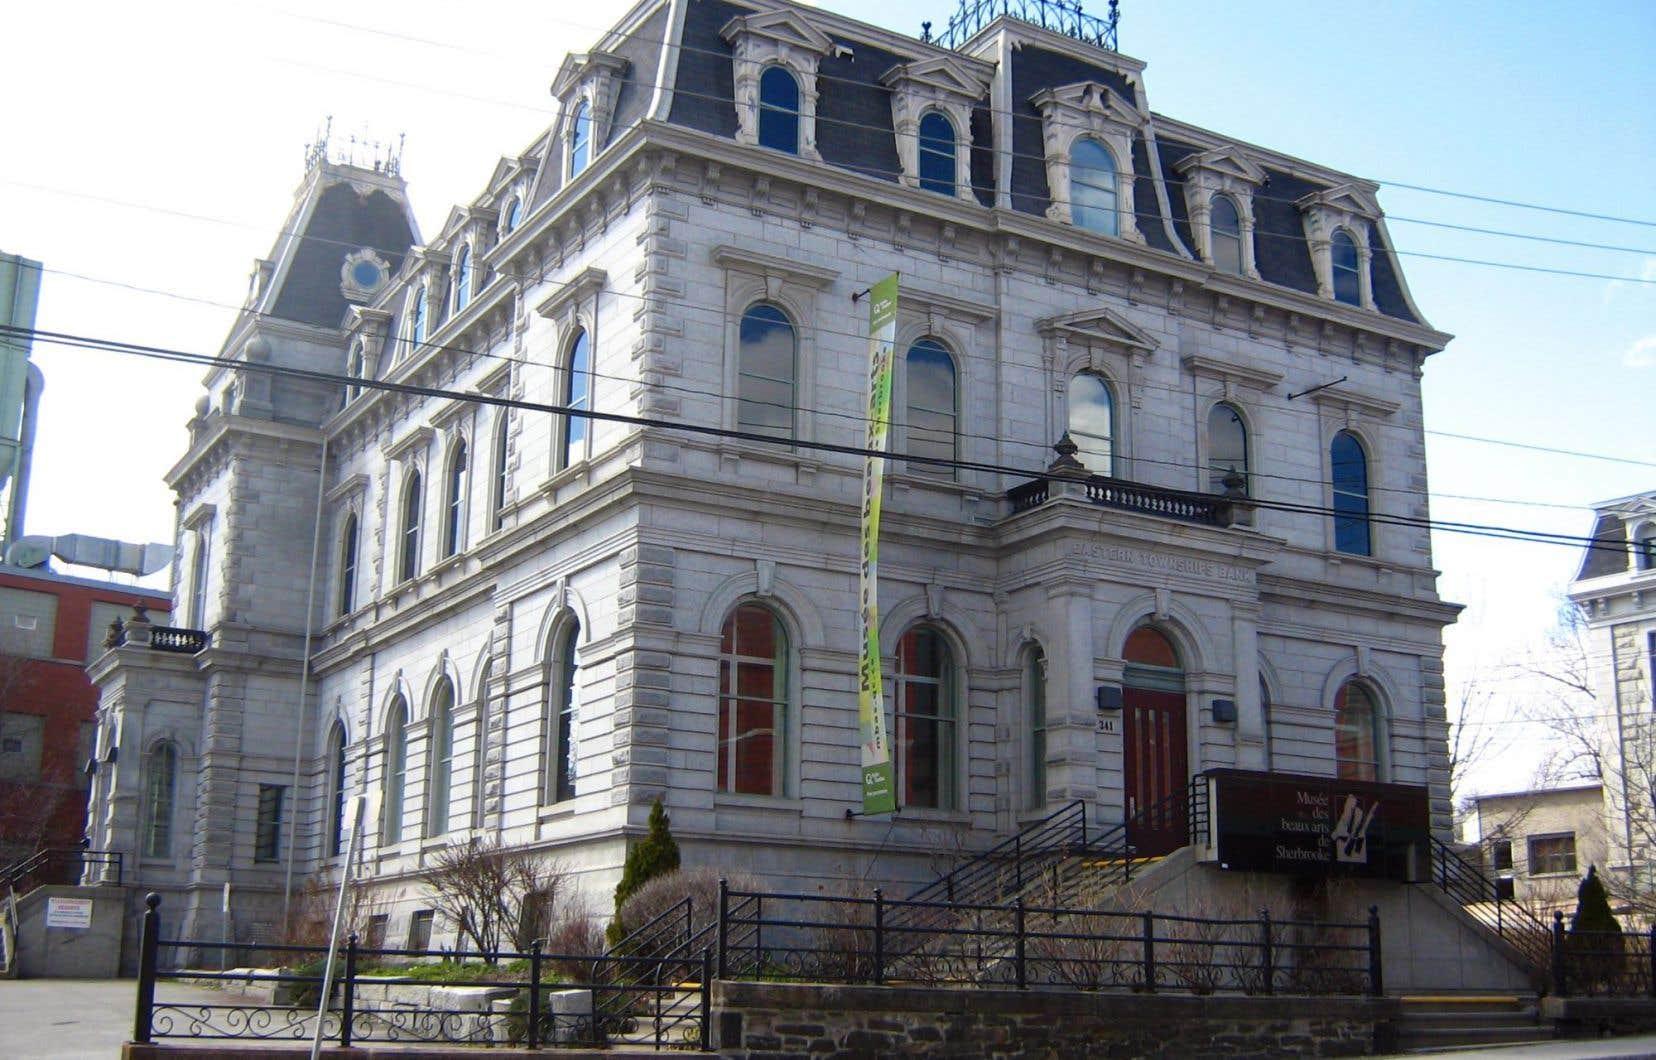 Le Musée des beaux-arts de Sherbrooke figure sur la liste des institutions qui auront droit à une contribution financière.